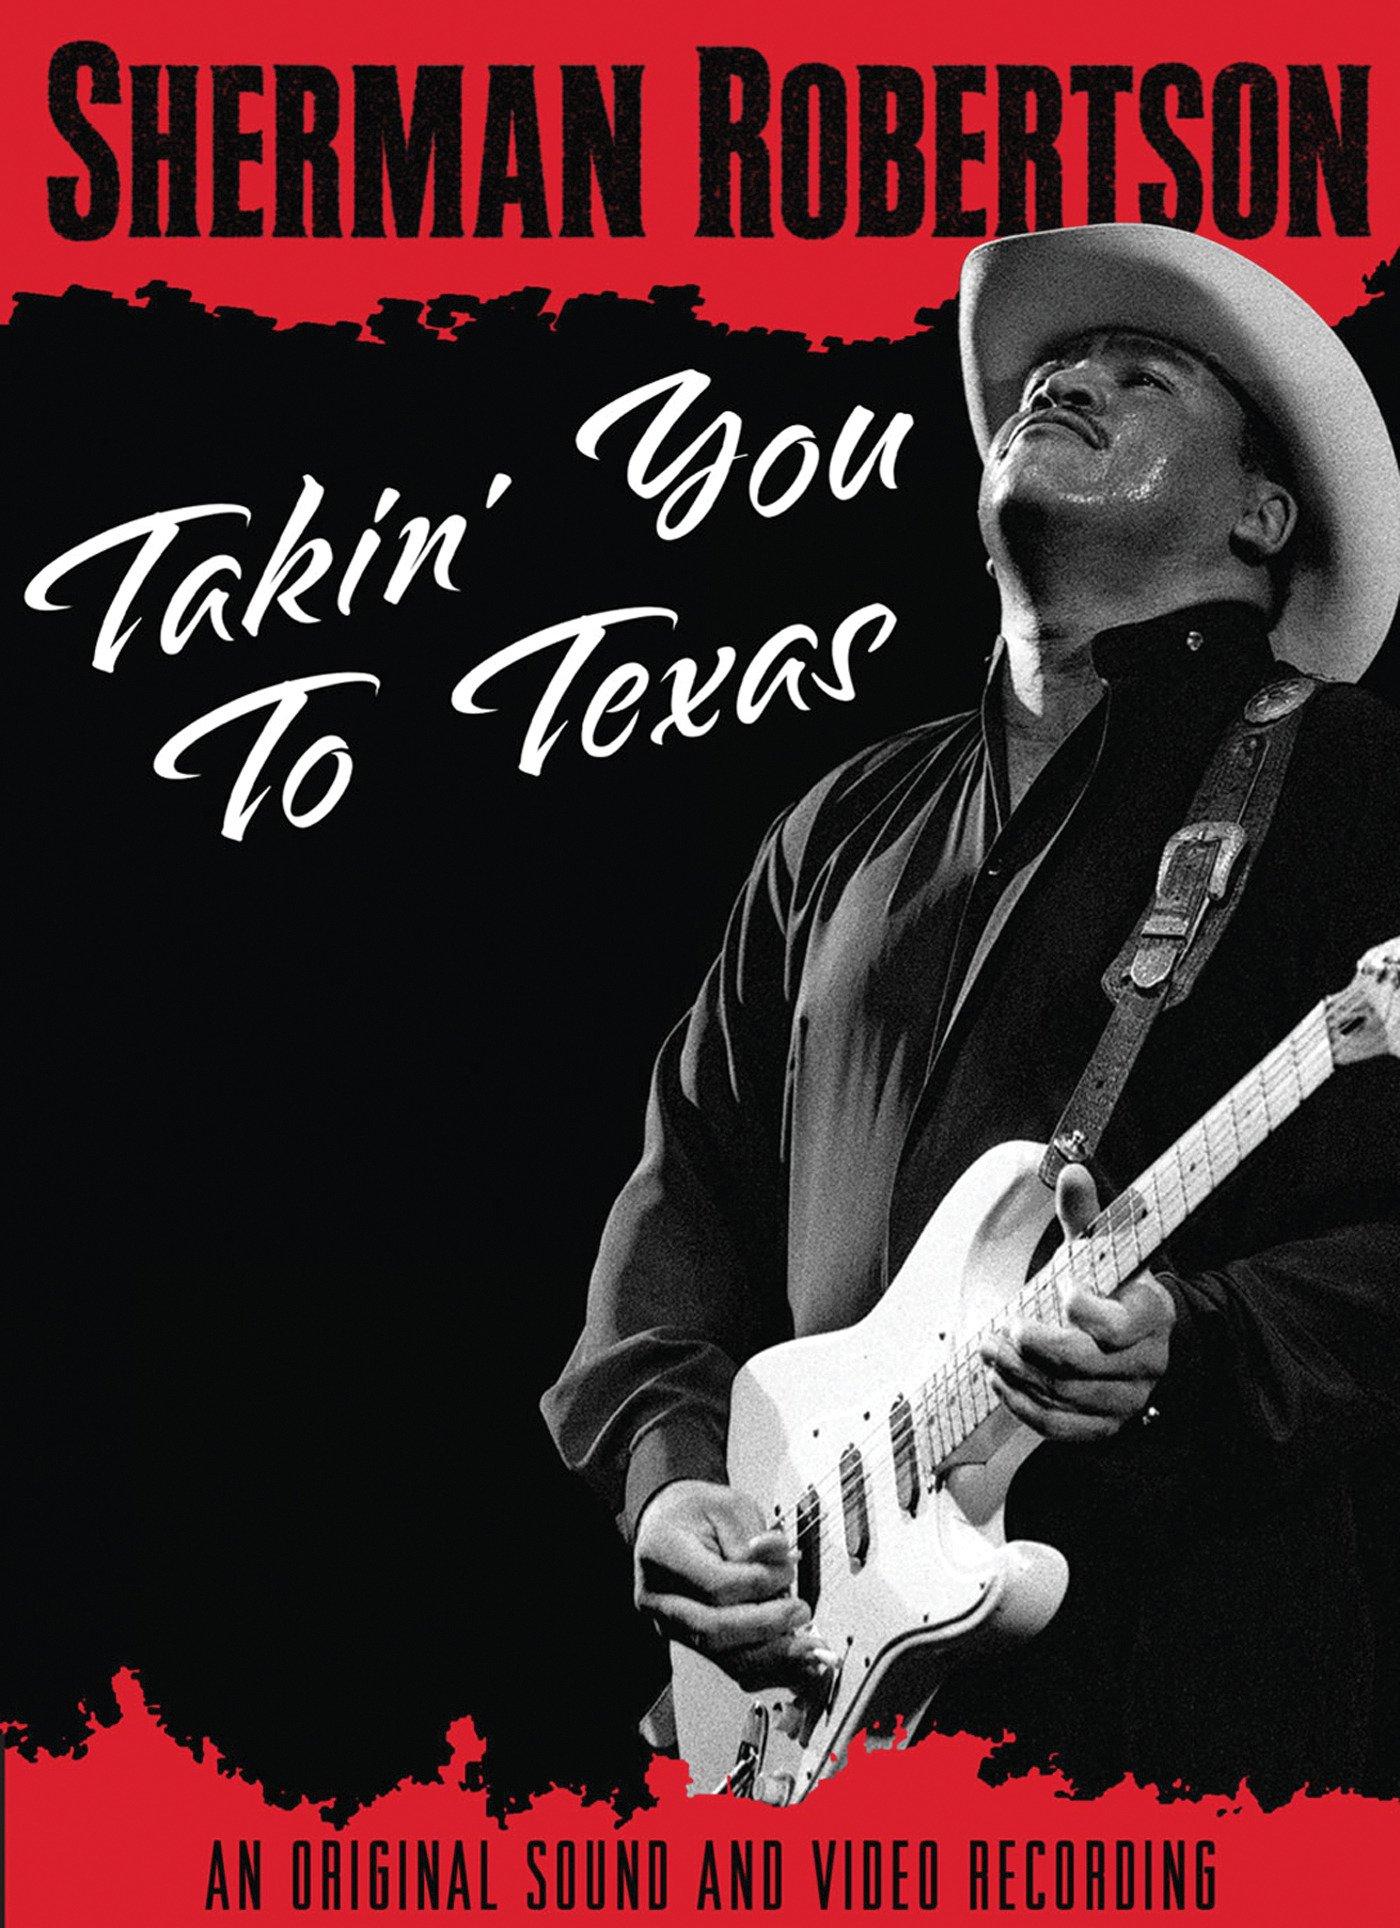 Sherman Robertson - Takin' You To Texas on Amazon Prime Instant Video UK